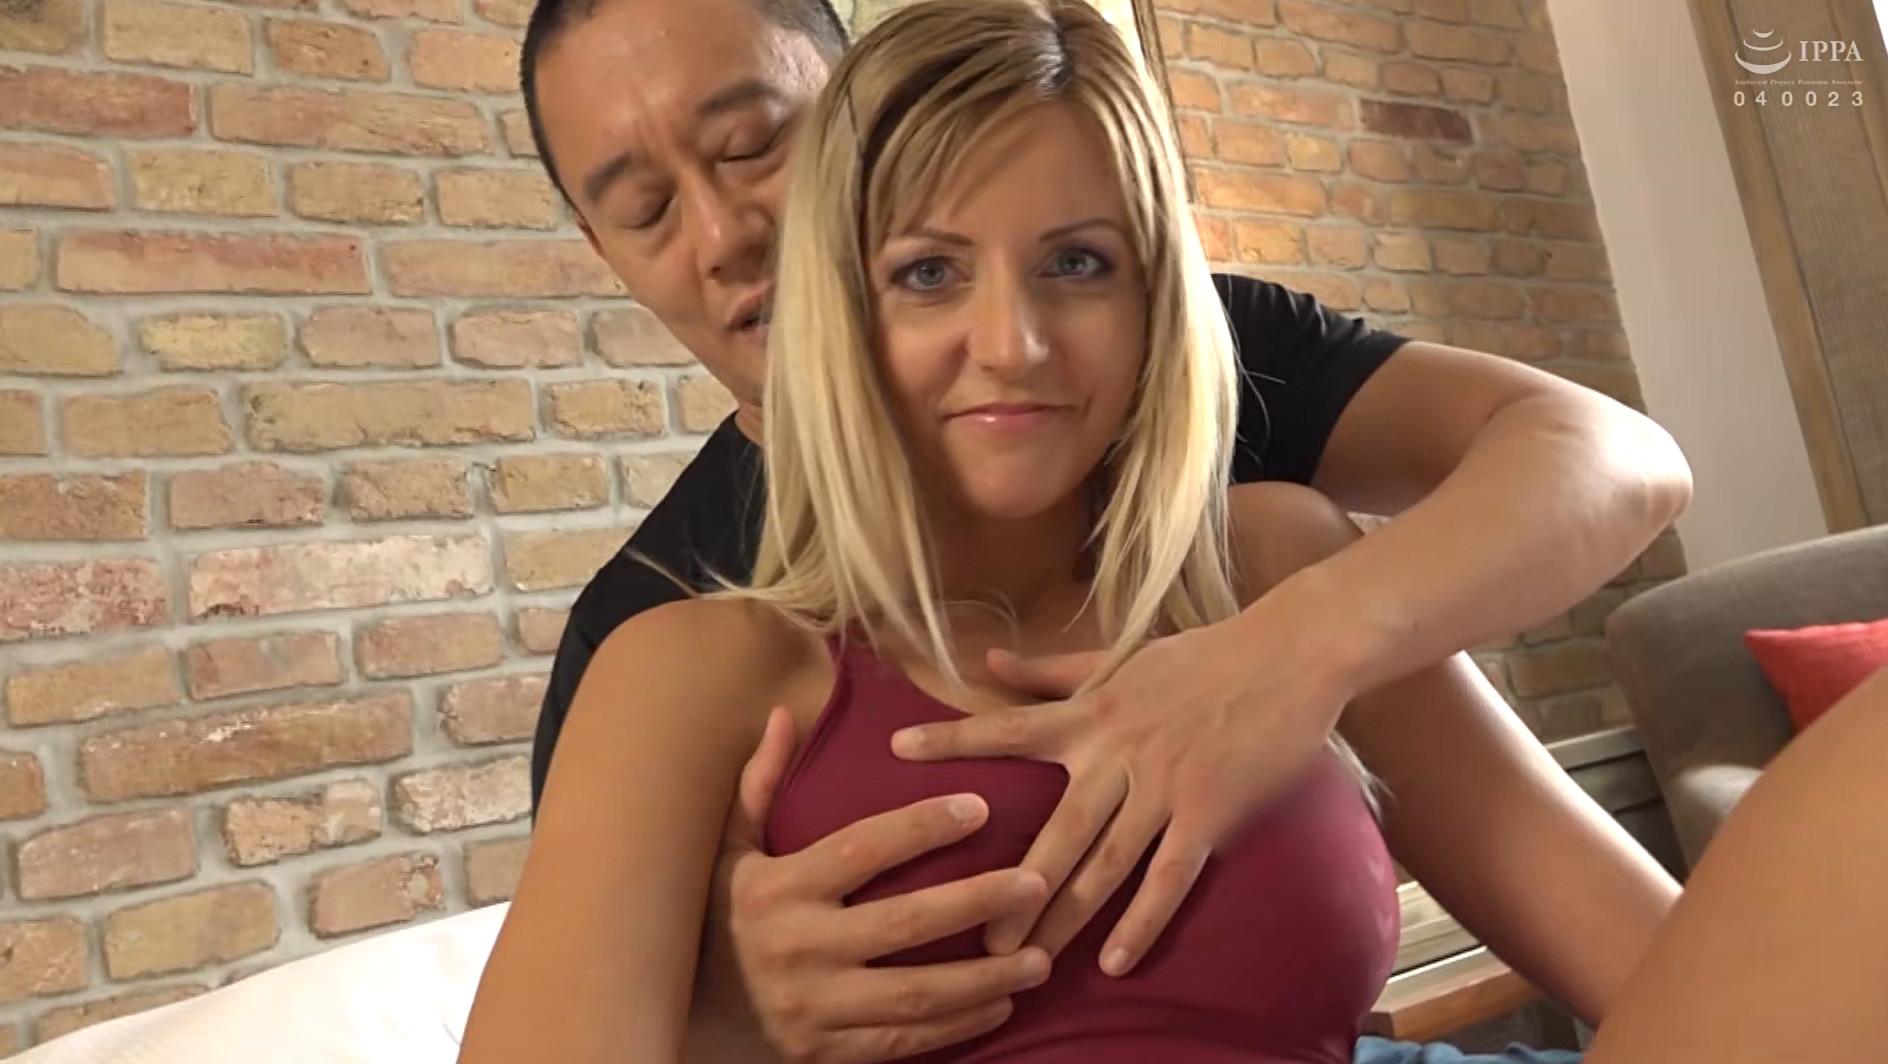 長身!美脚!ハンガリーで見つけたパツキン美女と水着でセックス! 画像2